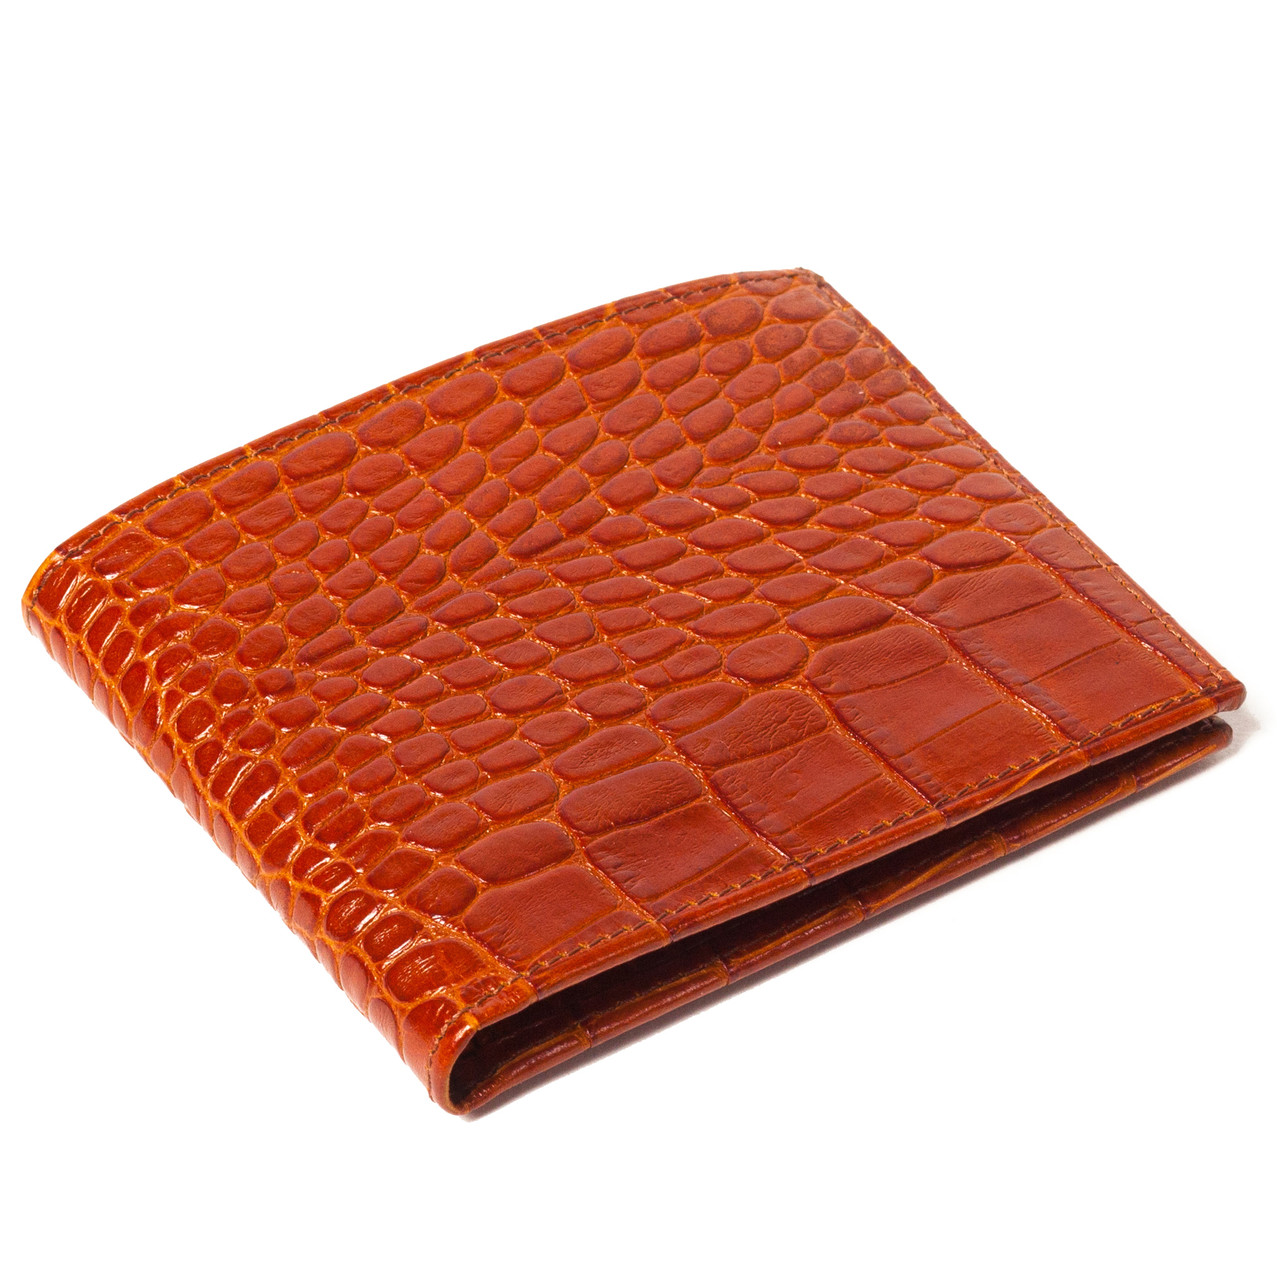 Мужской кошелек кожаный коричневый Eminsa 1051-4-2